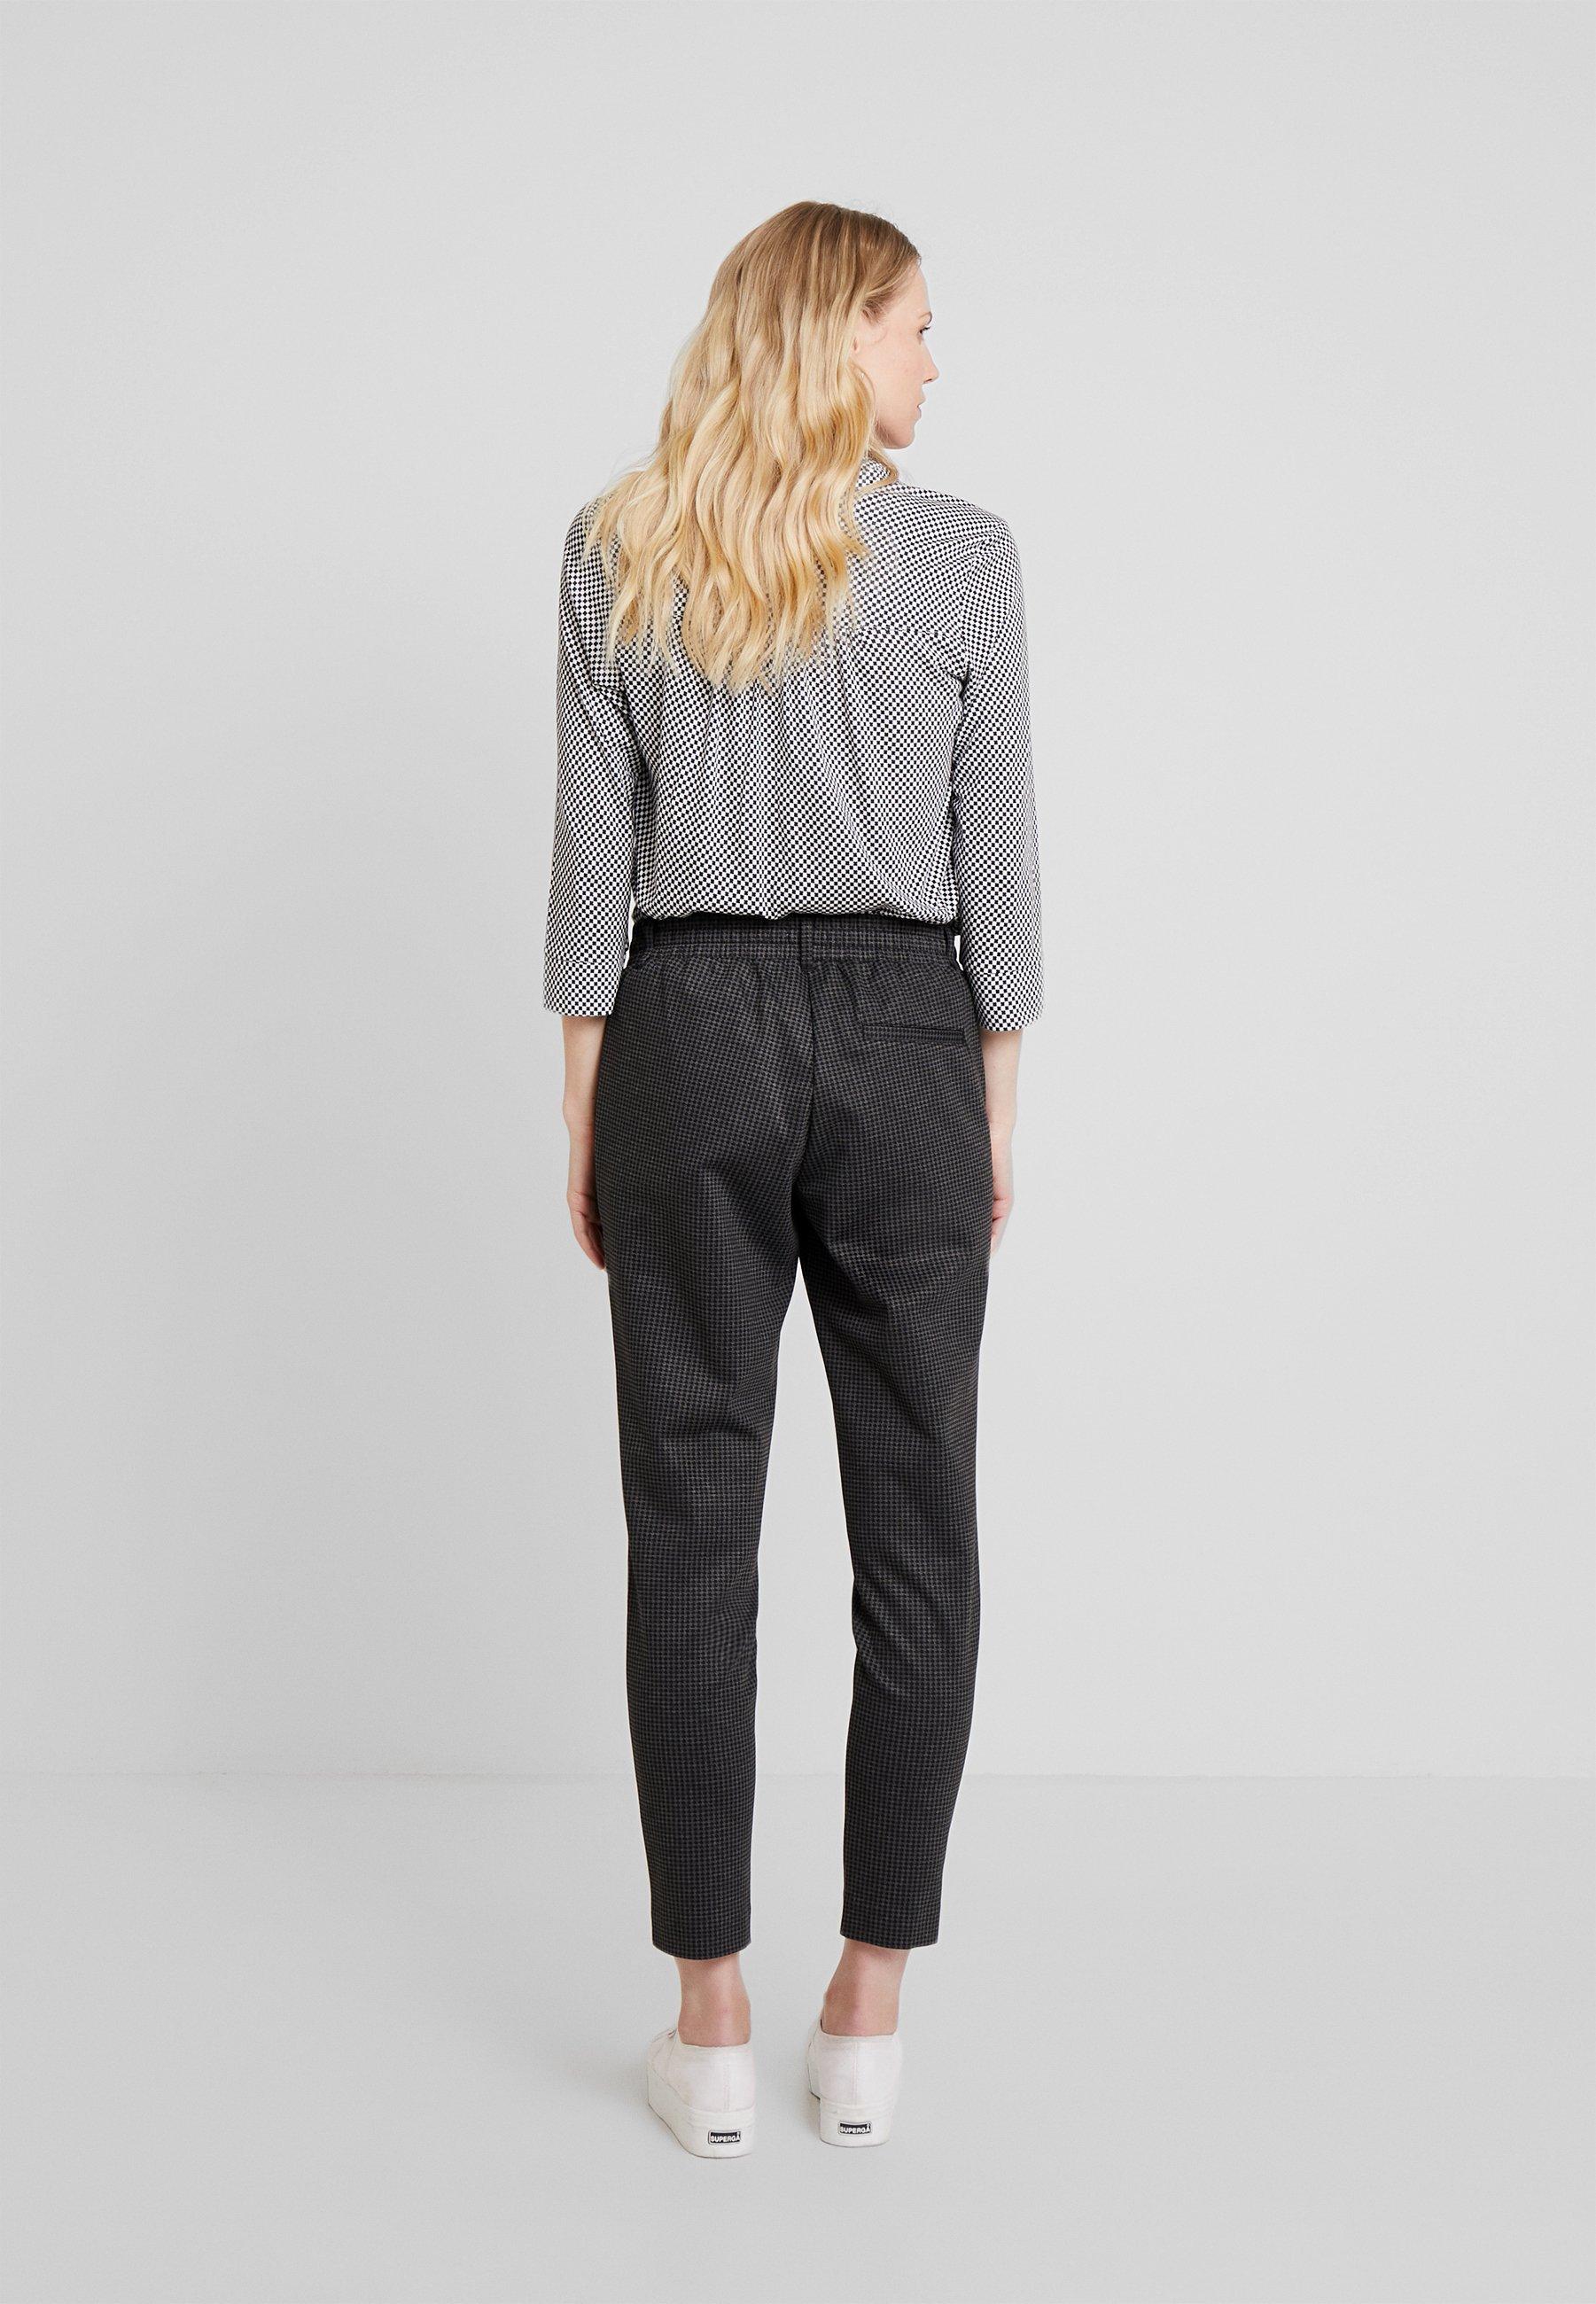 AnklePantalon Tom Tailor Pants grey Fit De Survêtement Black NOm8wnv0